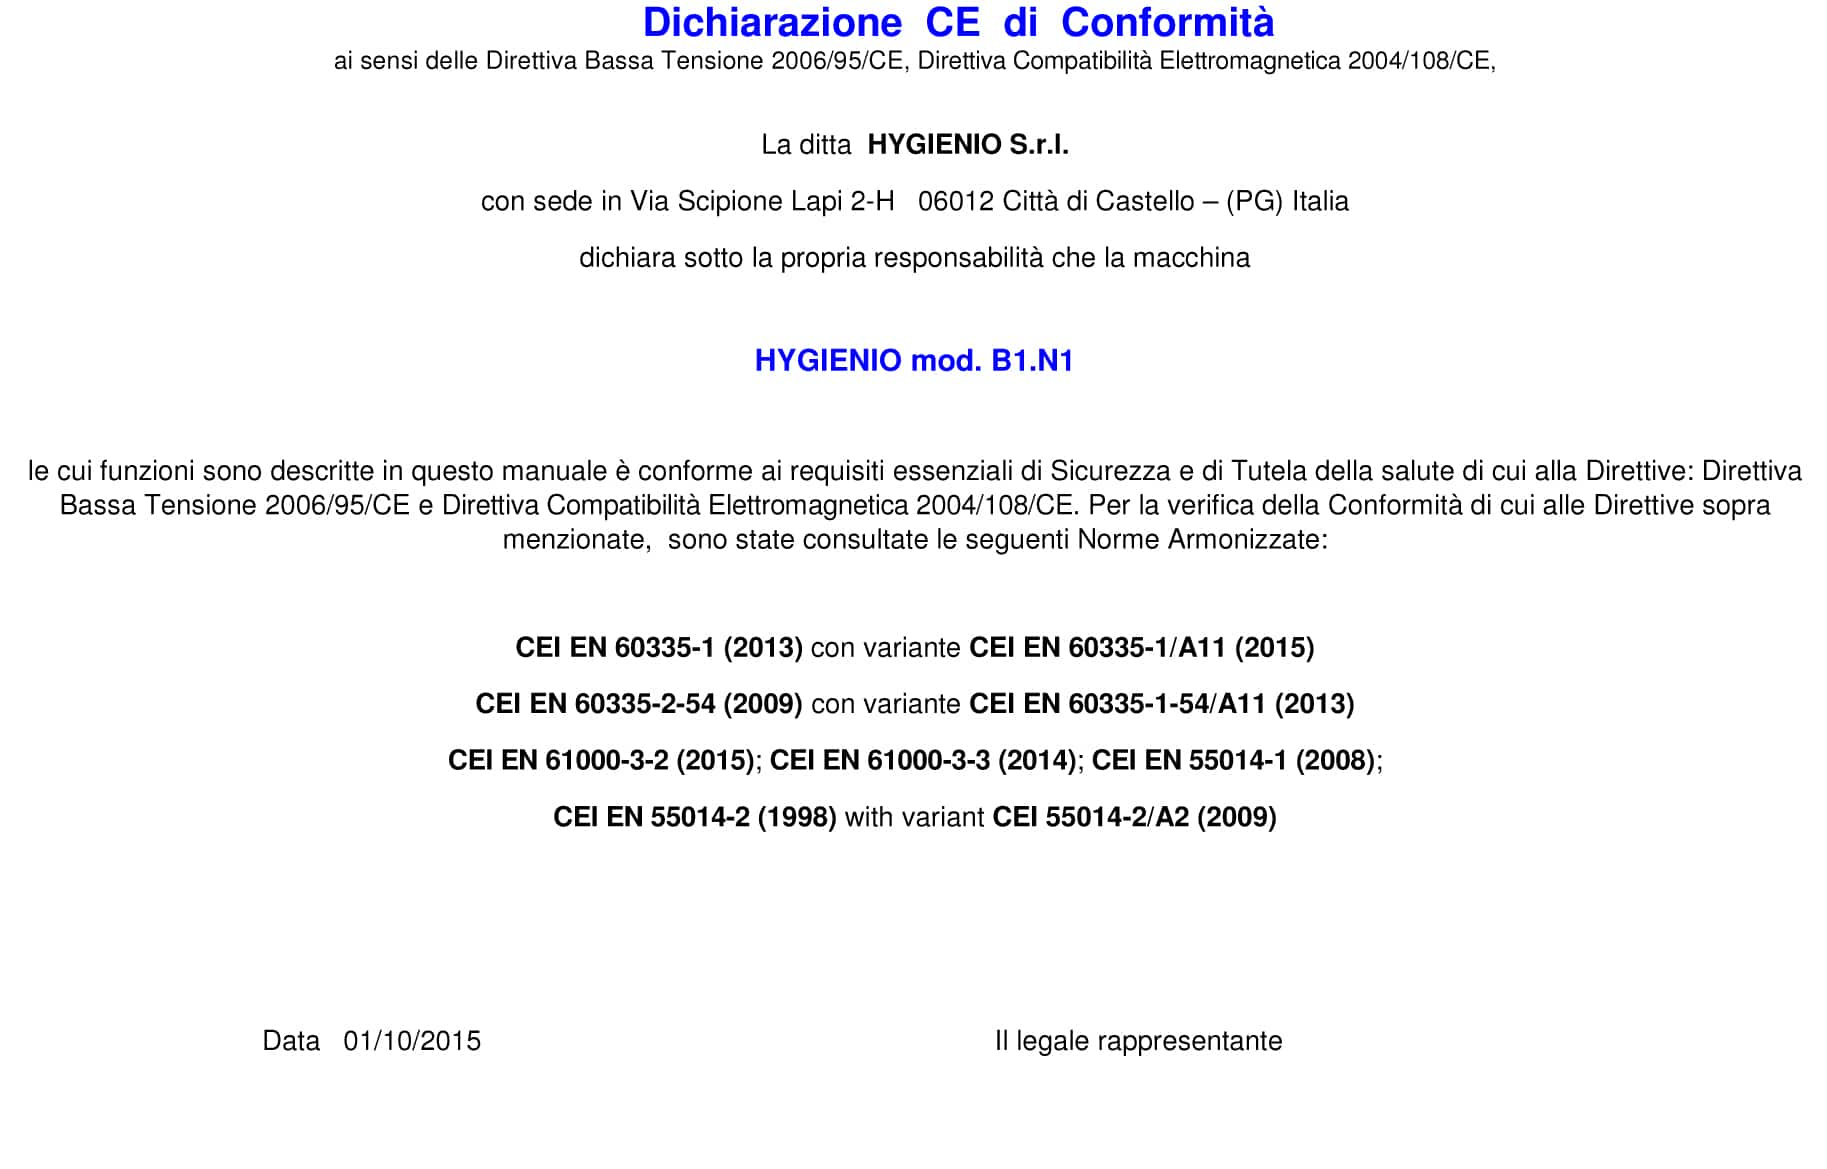 dichiarazione di conformità sanificazione EDM AMBULANZE